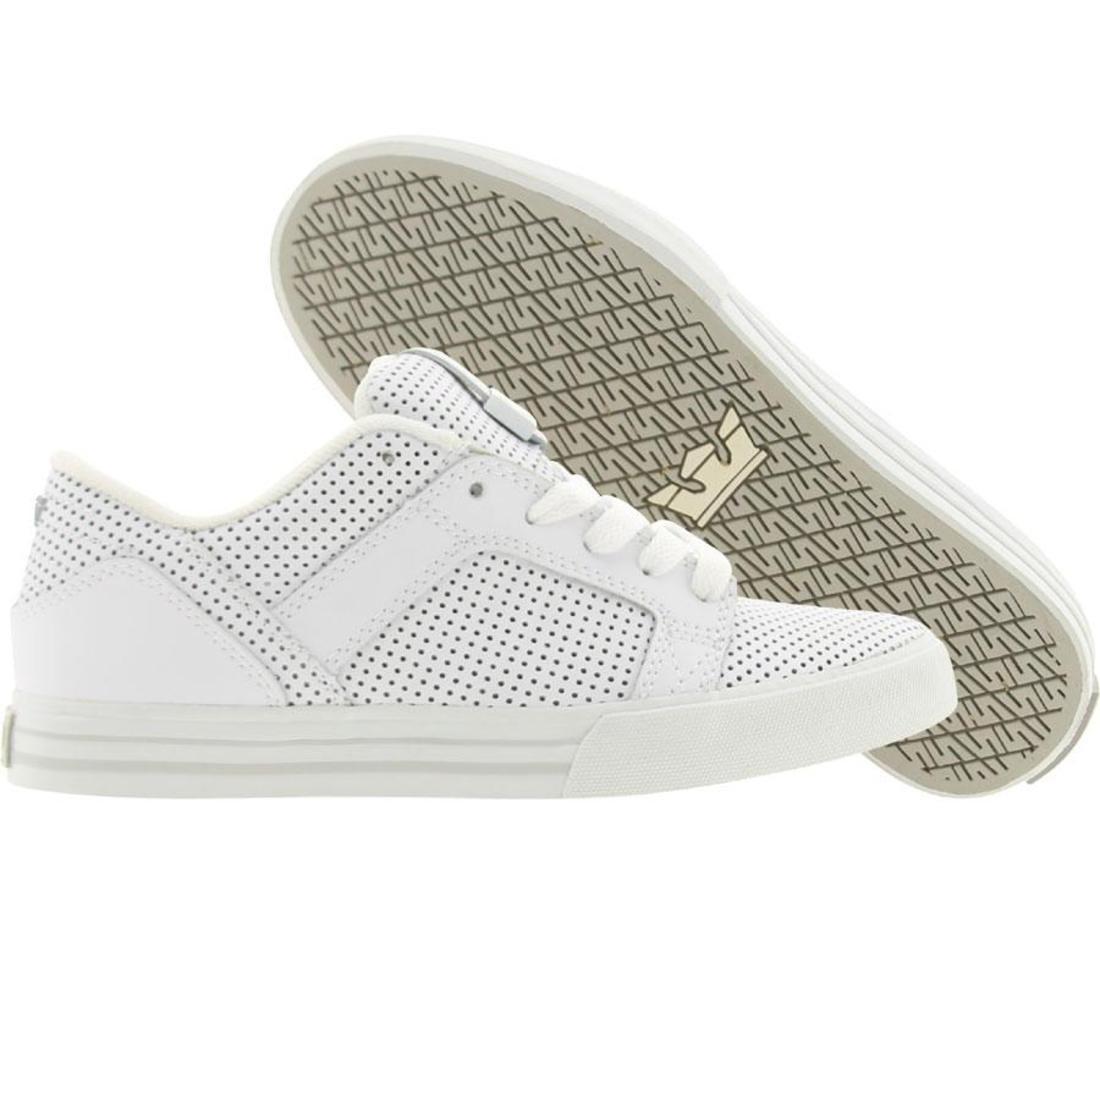 【海外限定】スープラ ムスカ スカイロー 1.5 靴 メンズ靴 【 SUPRA MUSKA SKYLOW WHITE PERF 】